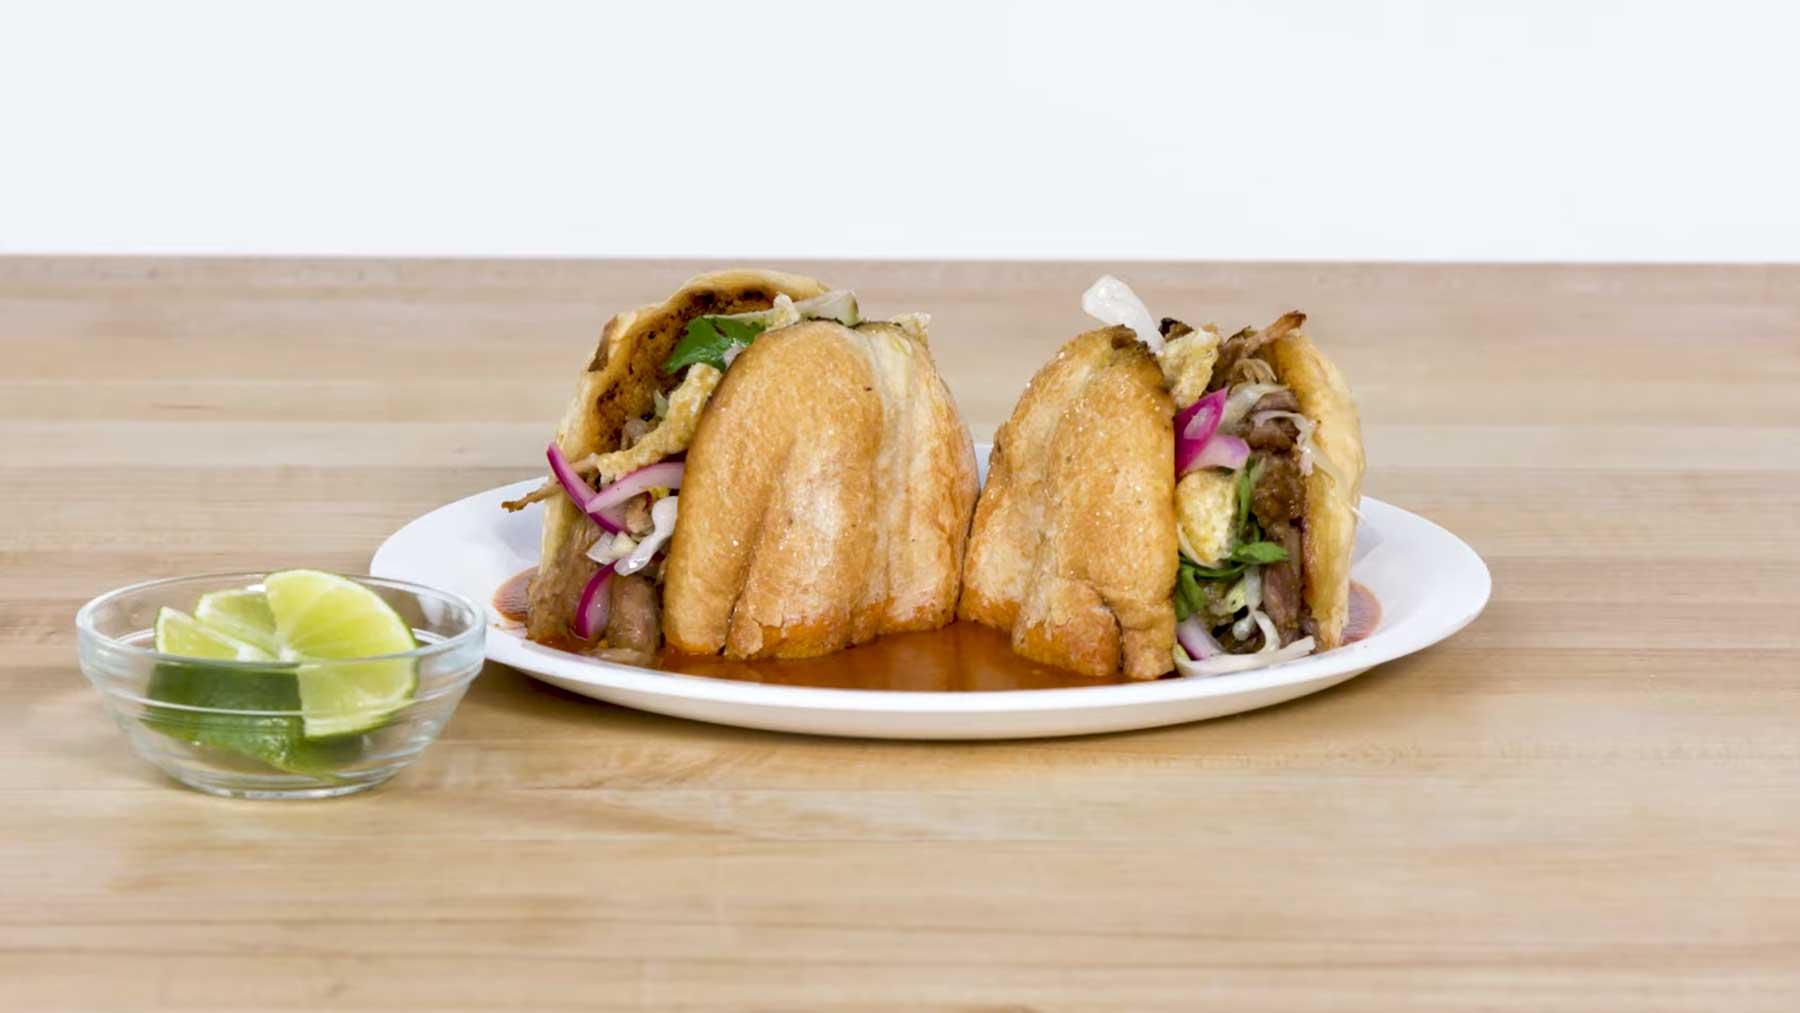 Köche unterschiedlicher Fähigkeitsstufen machen Pulled Pork Sandwiches pulled-pork-sandwiches